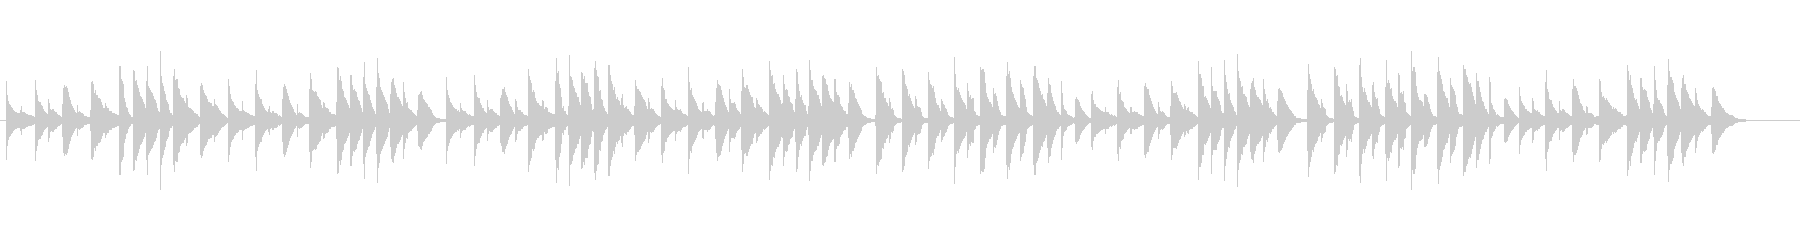 やさしいピアノ、チェルニーNo.1の未再生の波形